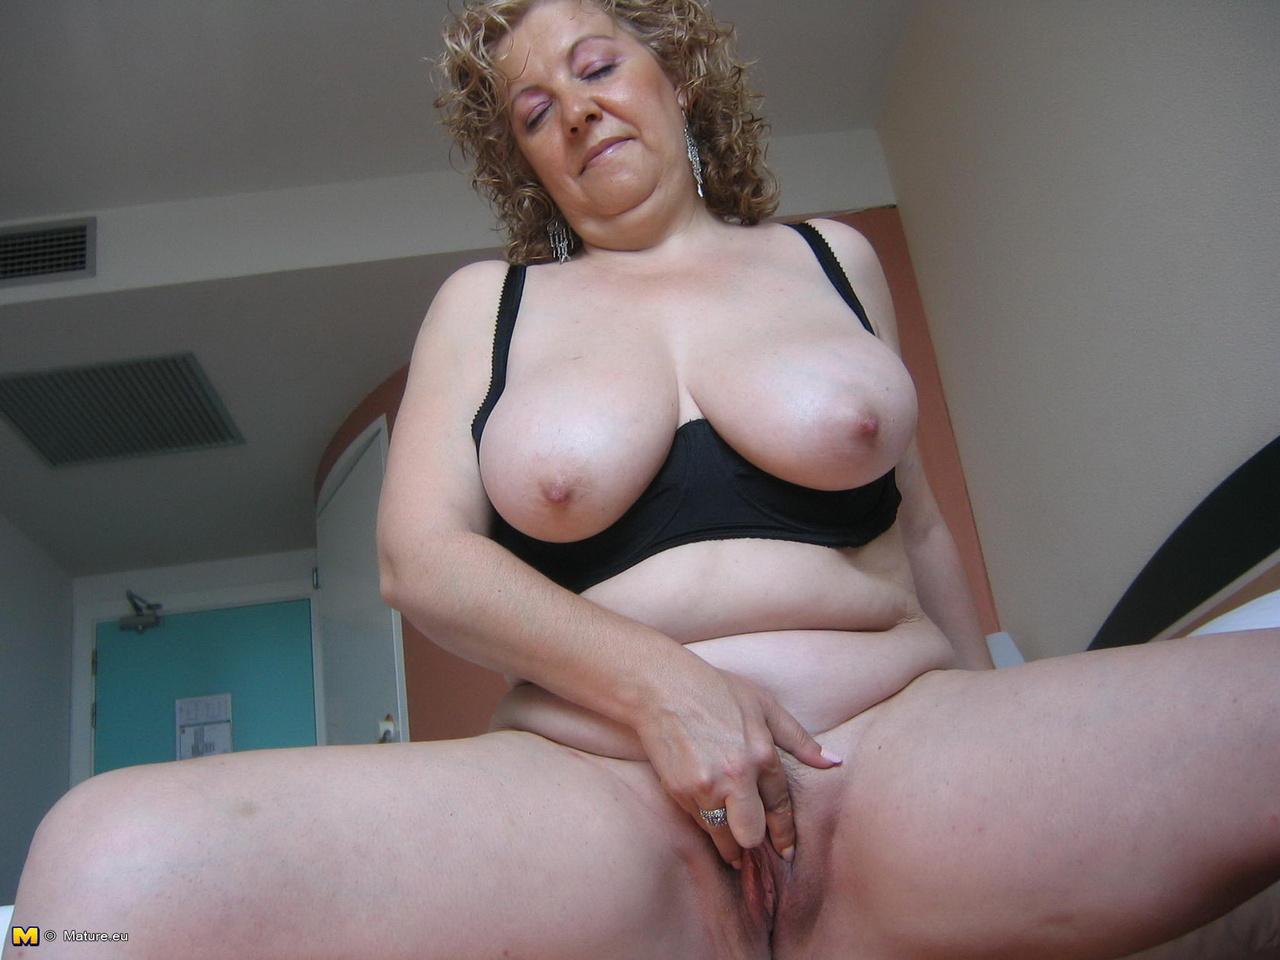 Фото большие сиськи кому за 50, Смотреть порно Русские женщины 50-55лет с большими 5 фотография